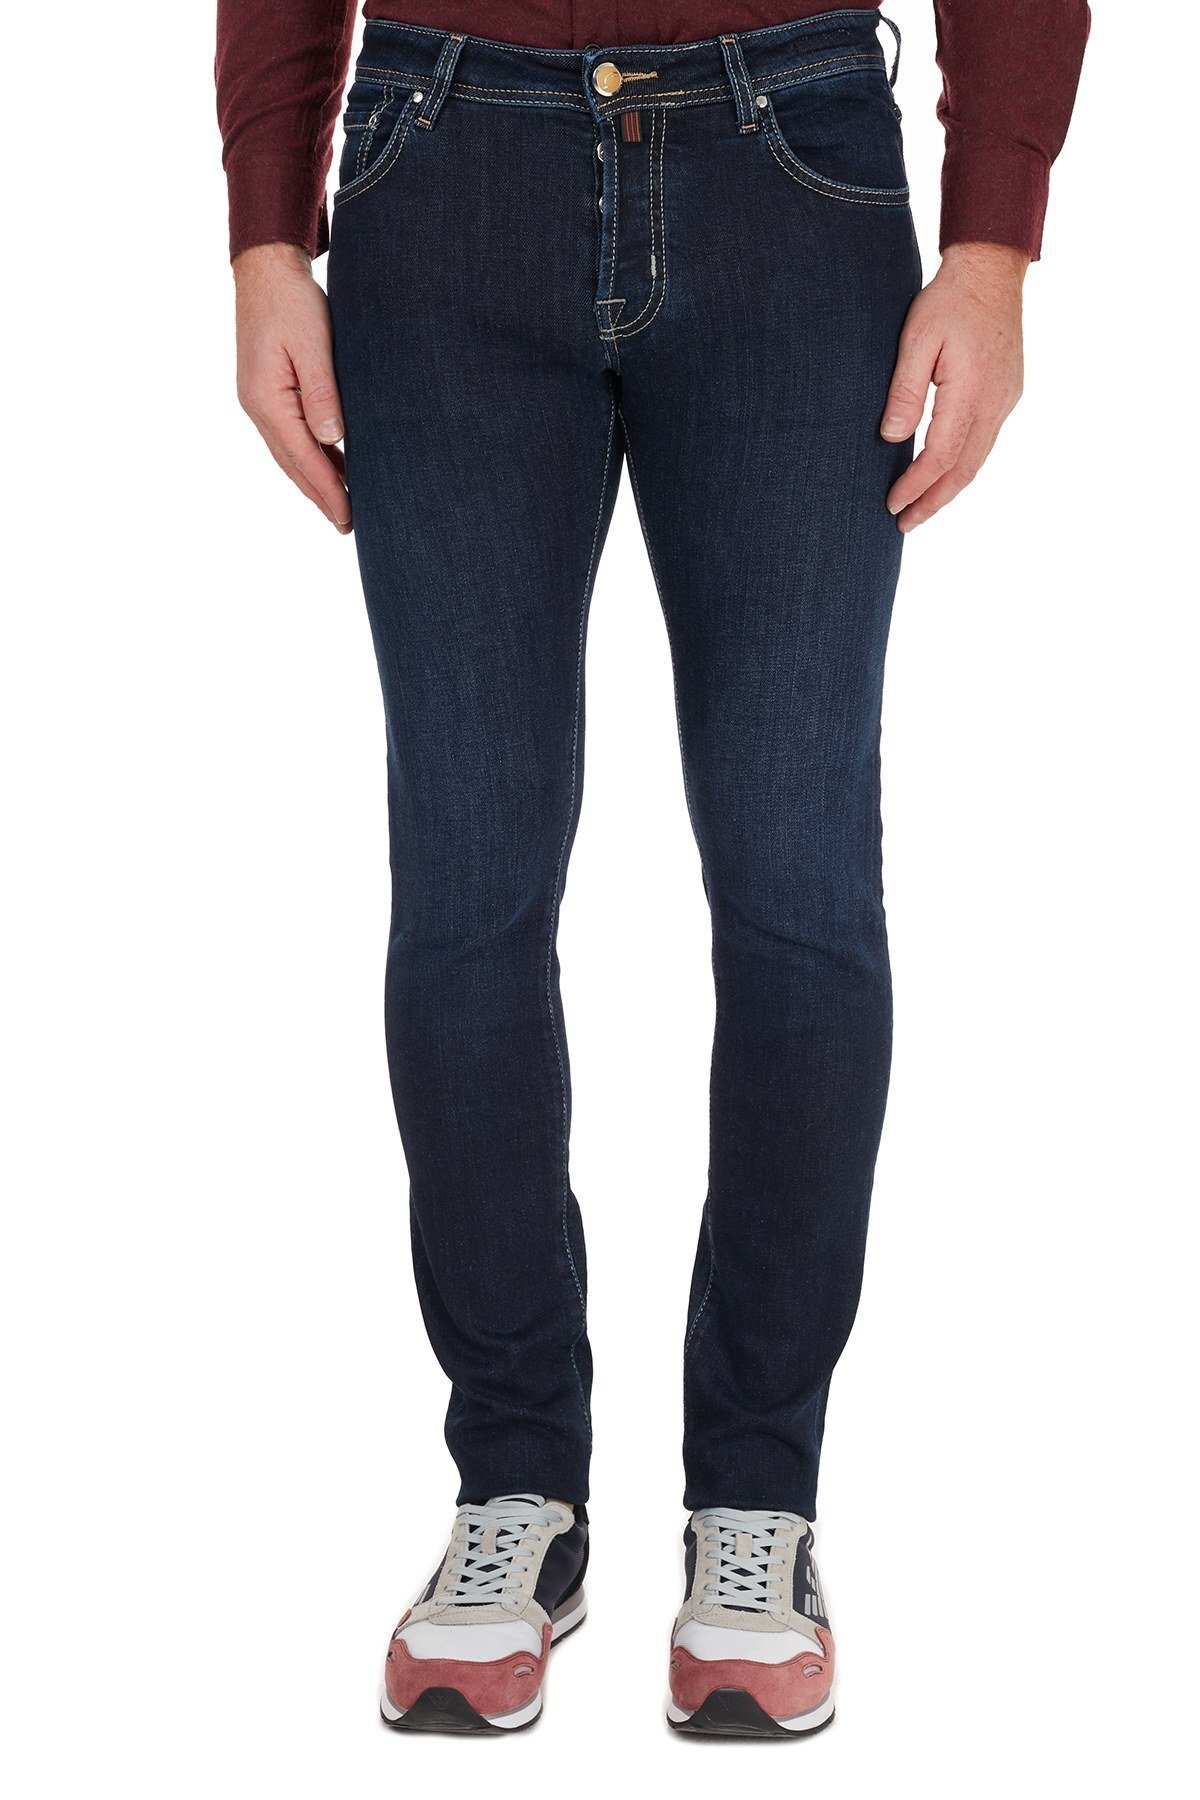 Jacob Cohen Slim Fit Pamuklu Jeans Erkek Kot Pantolon J622 SLIM 00709W1 LACİVERT